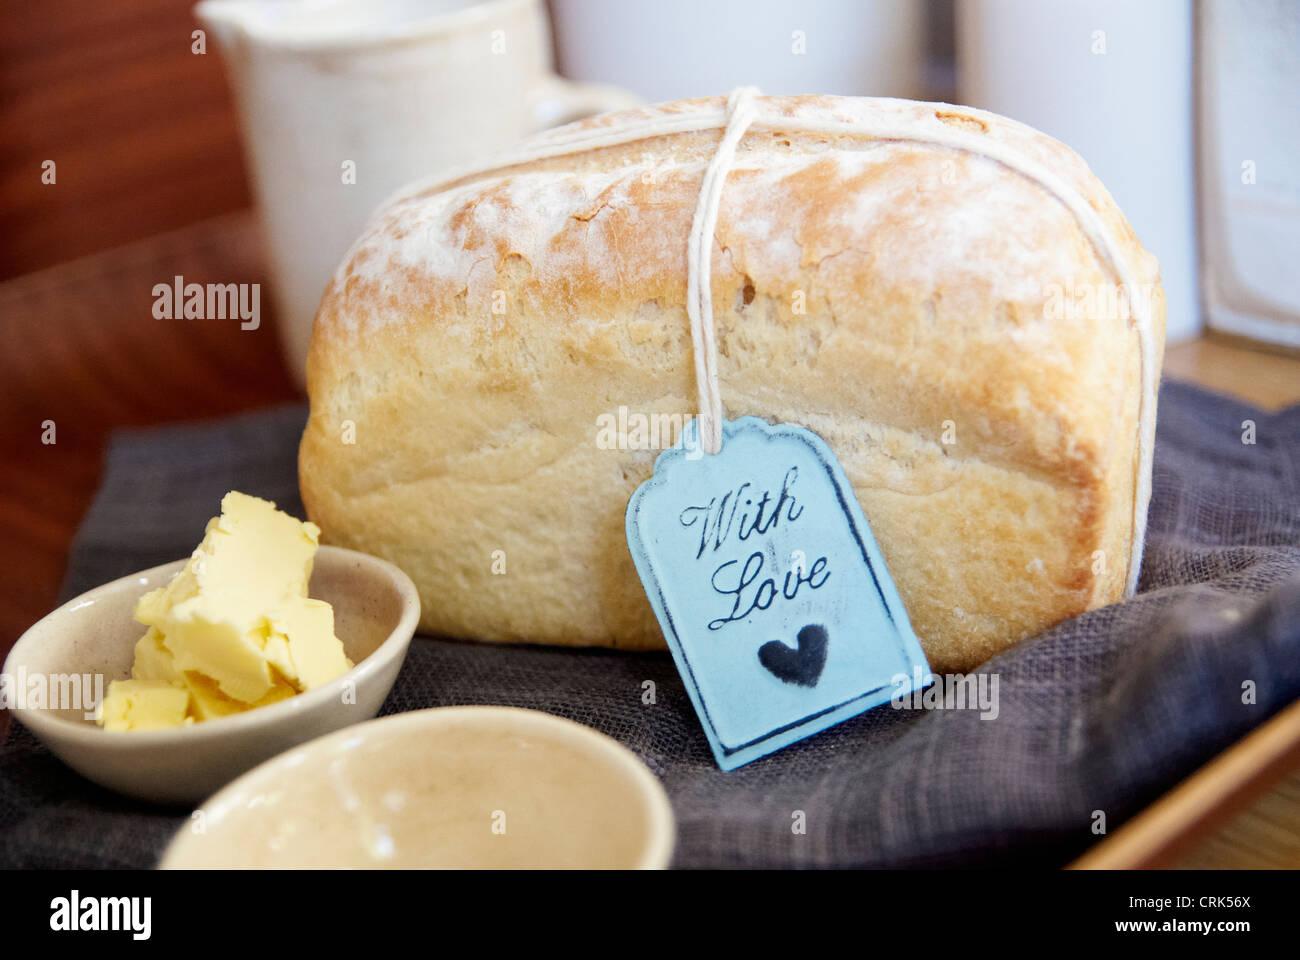 Miche de pain avec du beurre sur un tissu Photo Stock